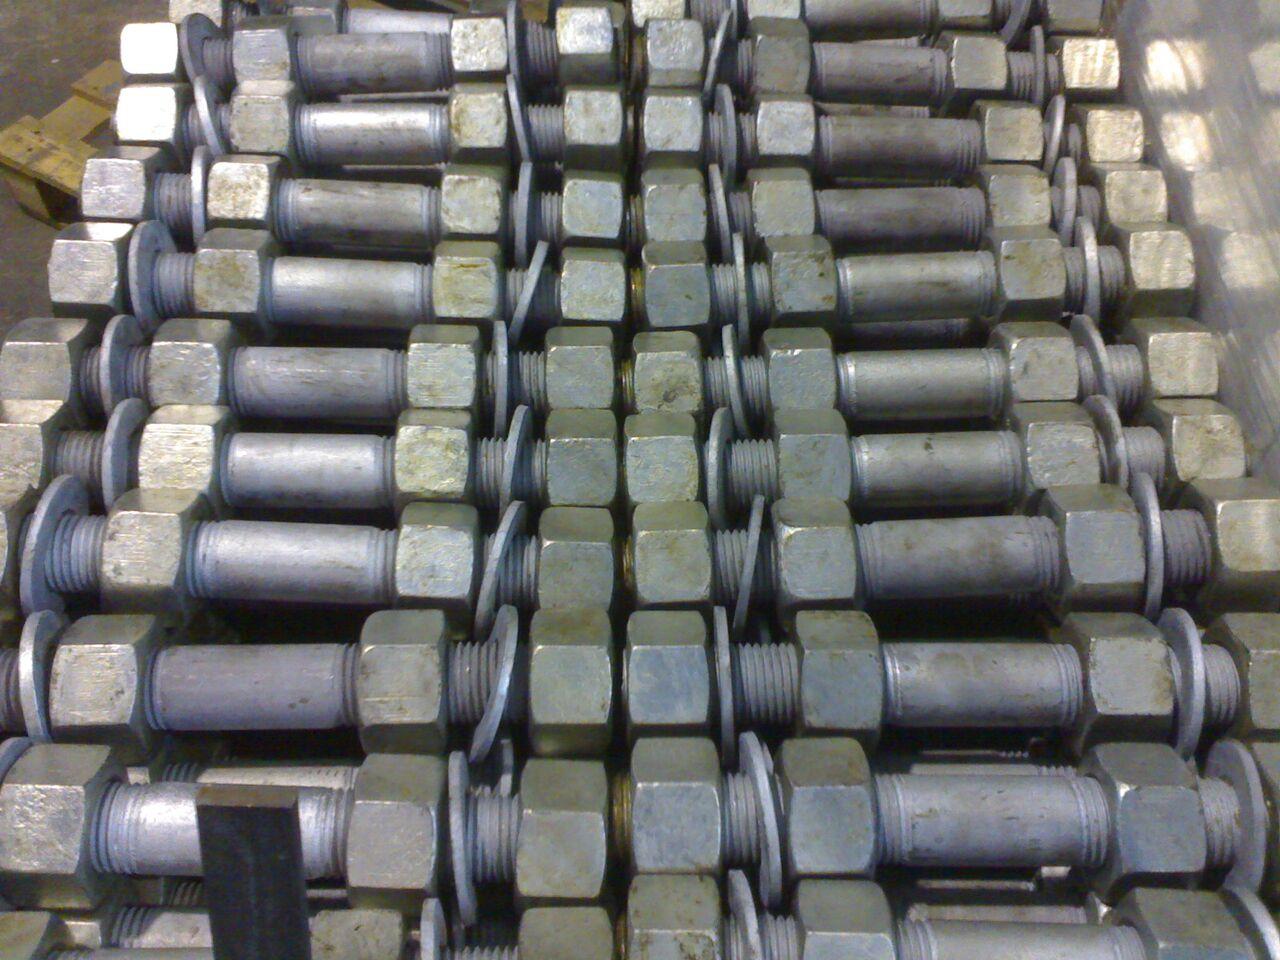 Barre-filettate-a-caldo-zincate-a-caldo-nr.-04-150x150.jpg